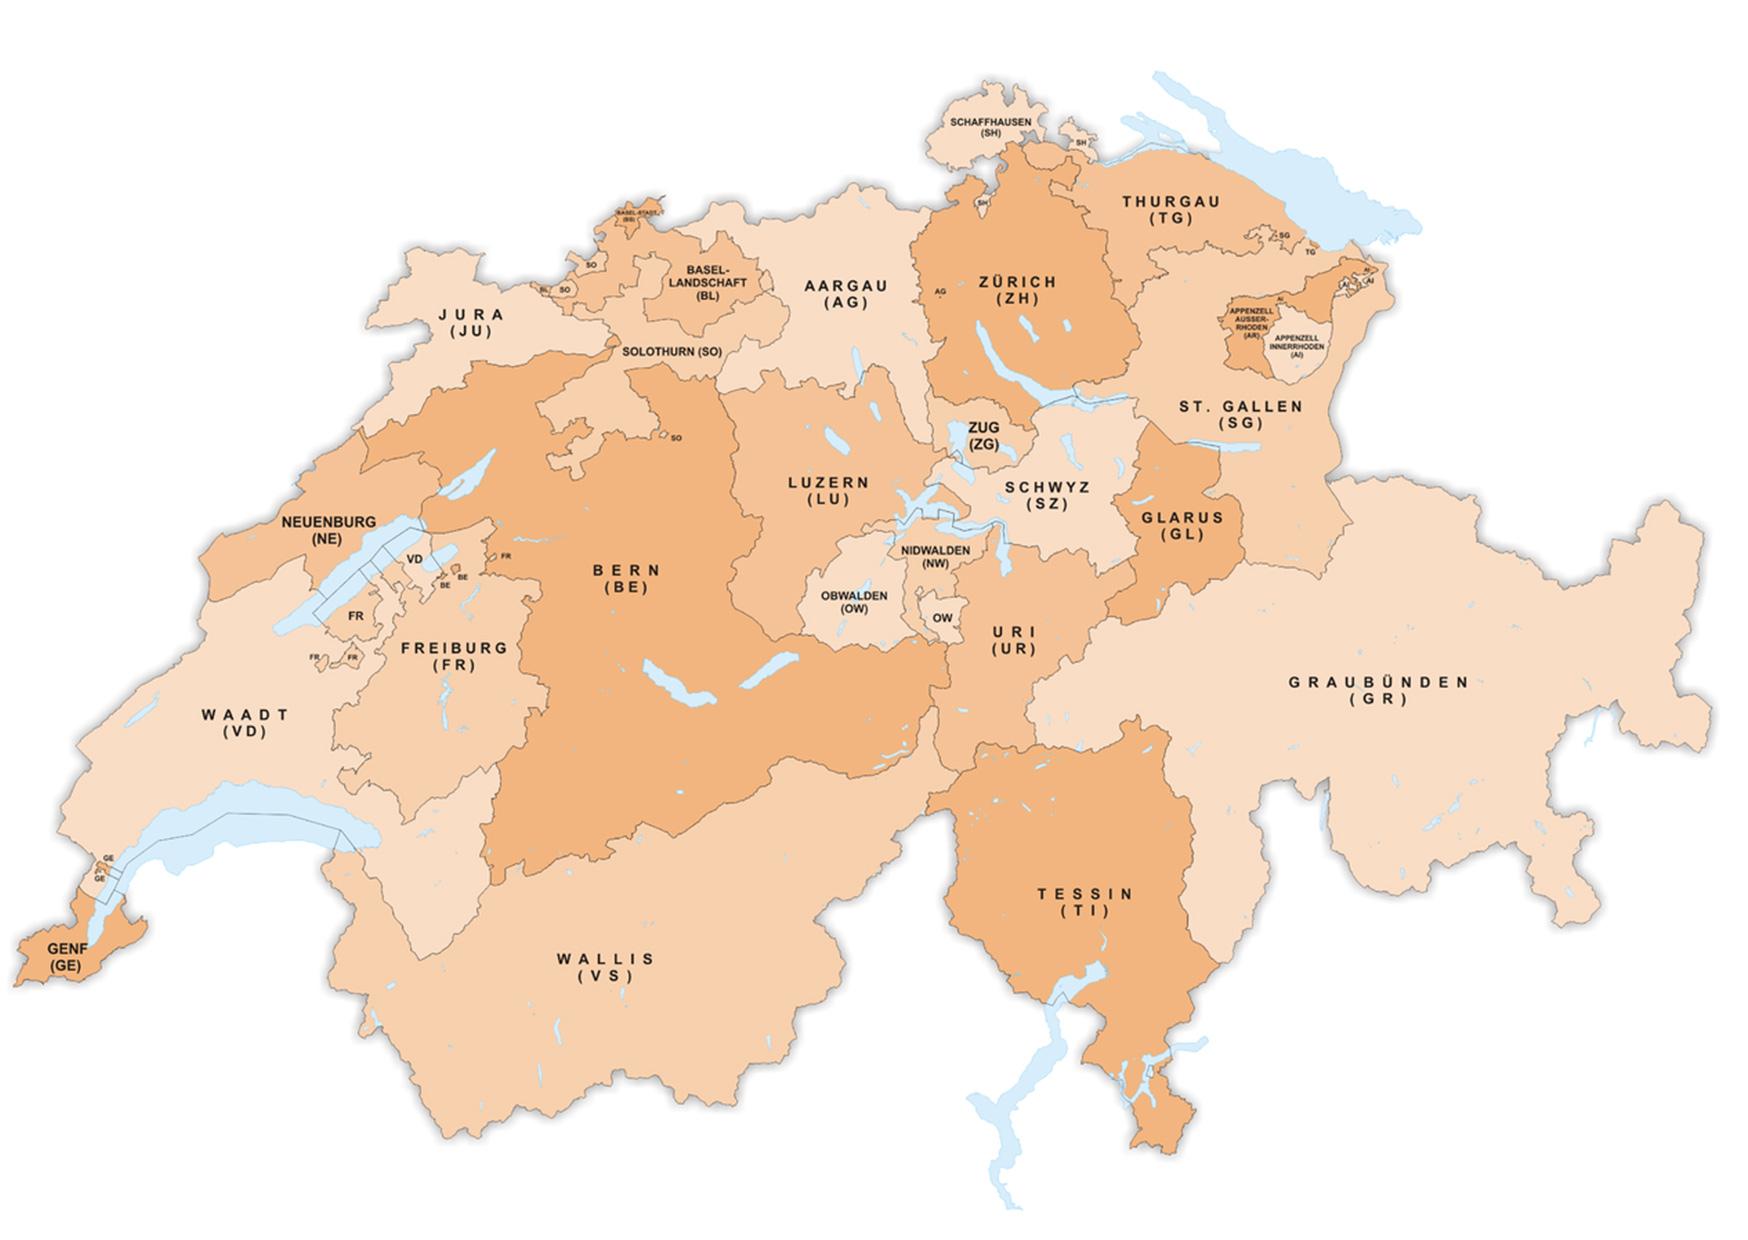 Freiburg Schweiz Karte.Schweizer Karte Vom Sempacherkrieg Bis Zum Jura Bestswiss